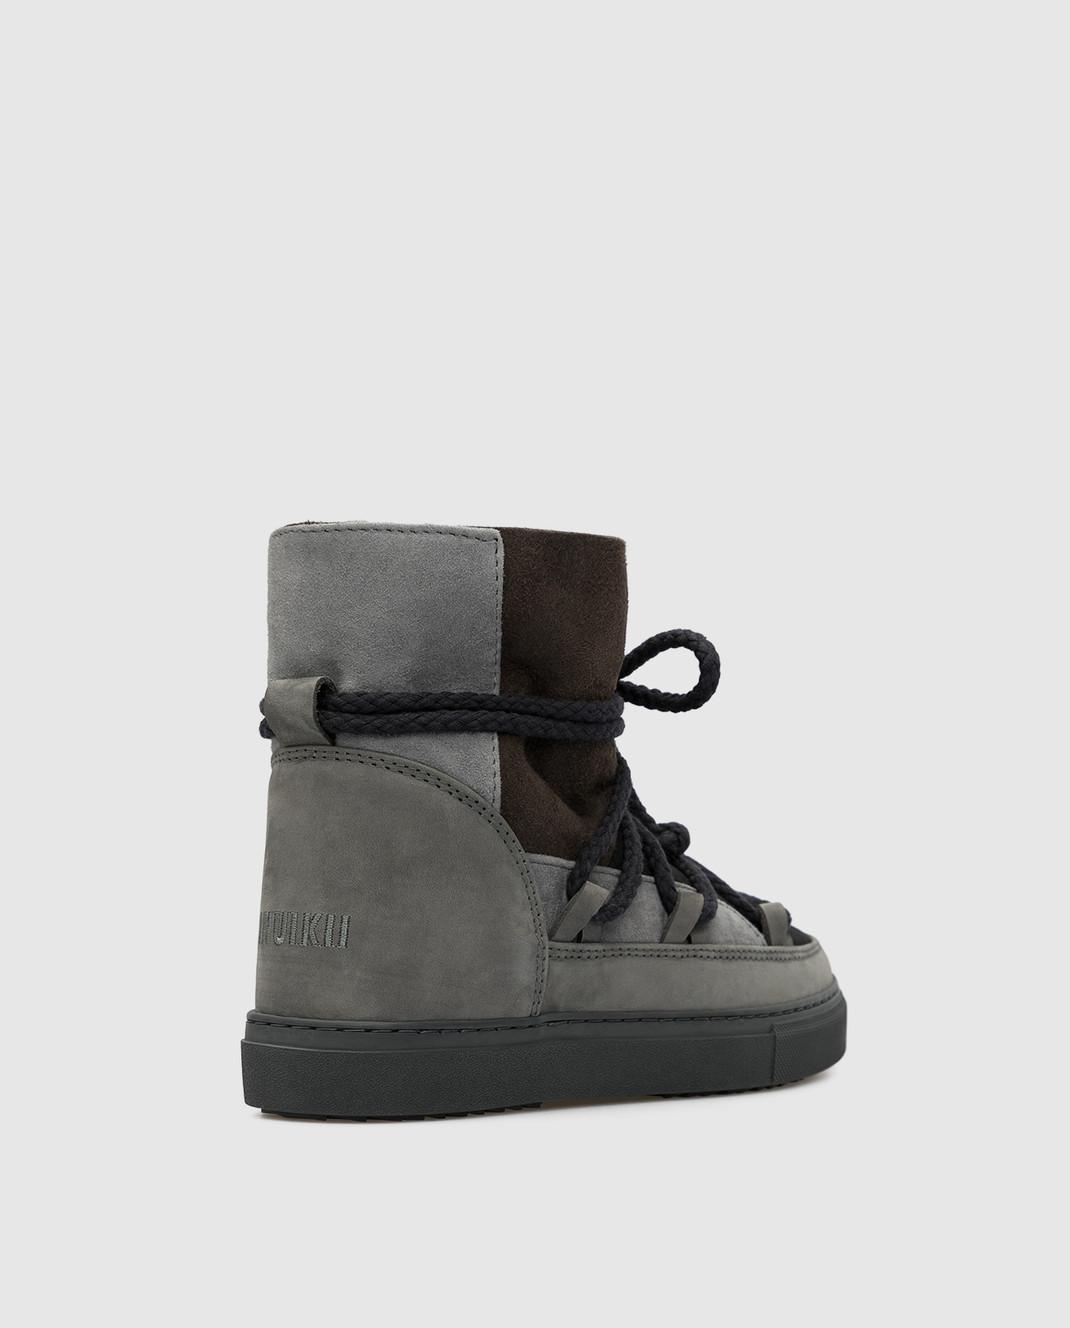 Inuikii Детские темно-серые ботинки на меху изображение 3